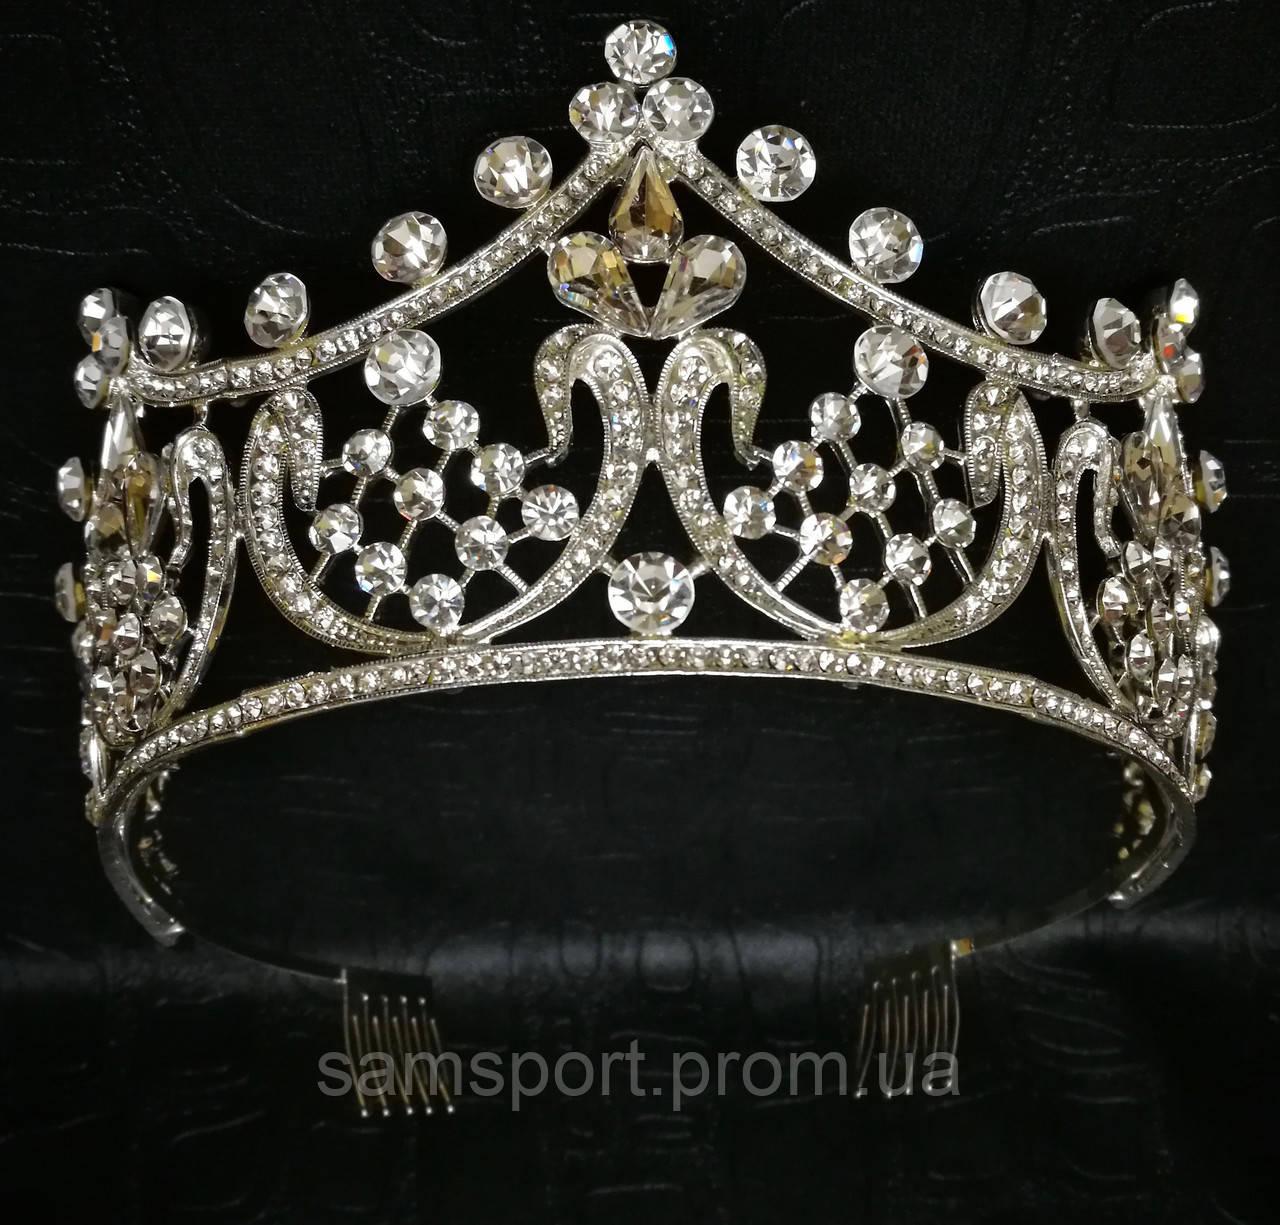 234 Свадебная бижутерия. Короны. Тиары и диадемы оптом.